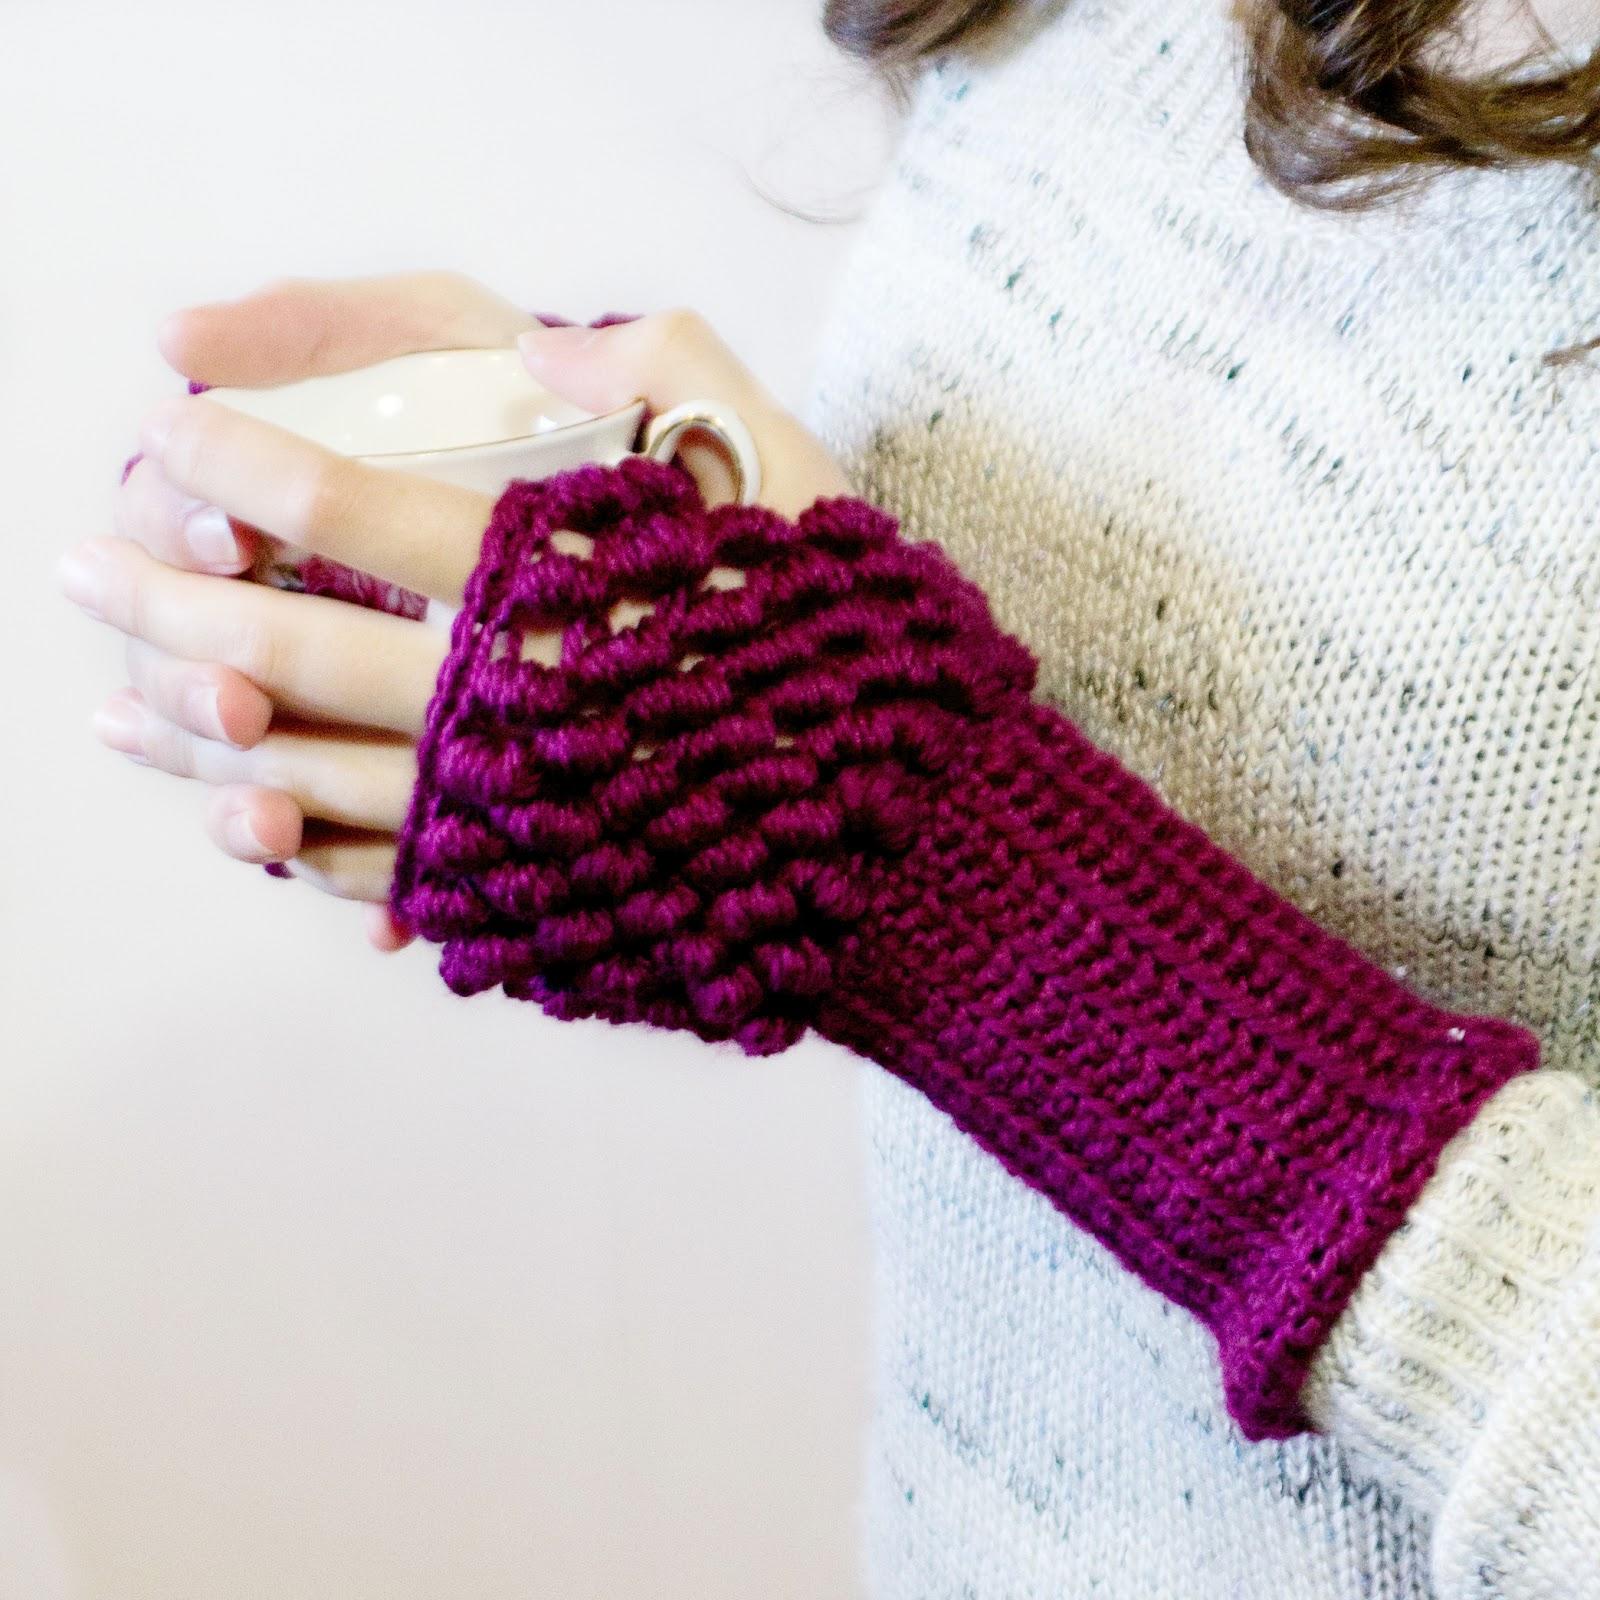 Fingerless gloves diy -  Note